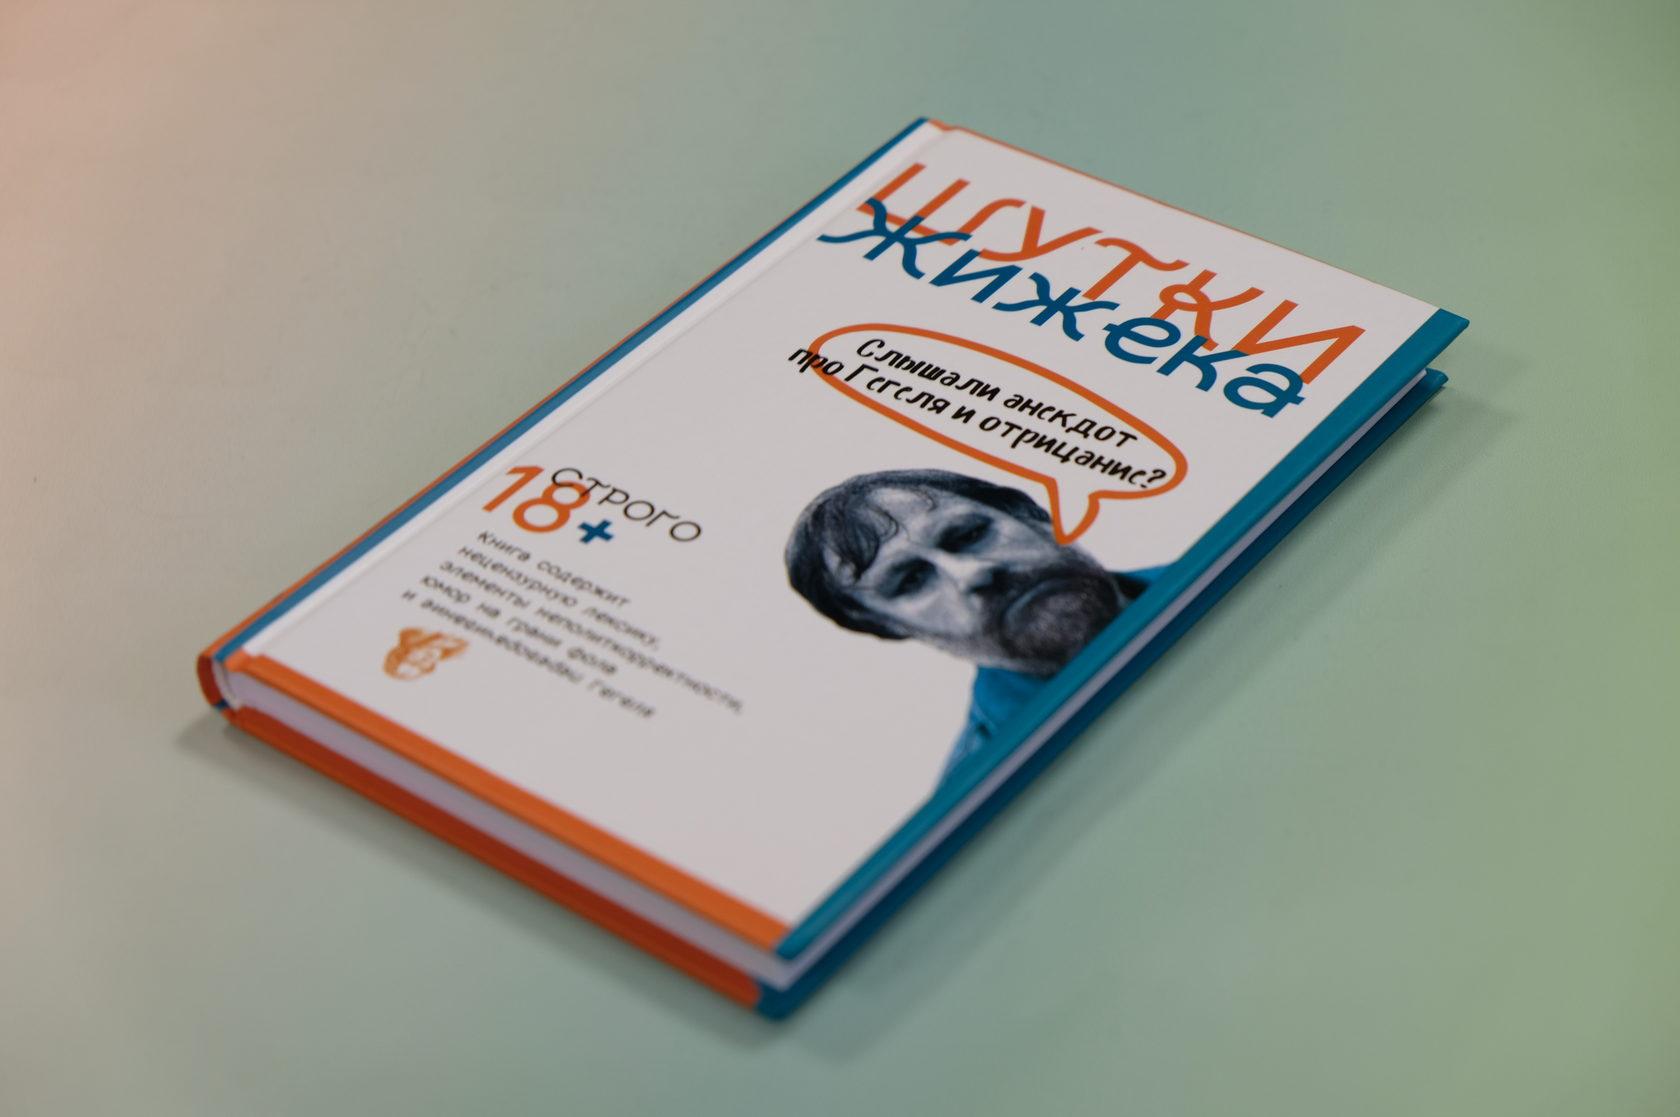 Славой Жижек «Шутки Жижека. Слышали анекдот про Гегеля и отрицание?» 978-5-386-12739-8